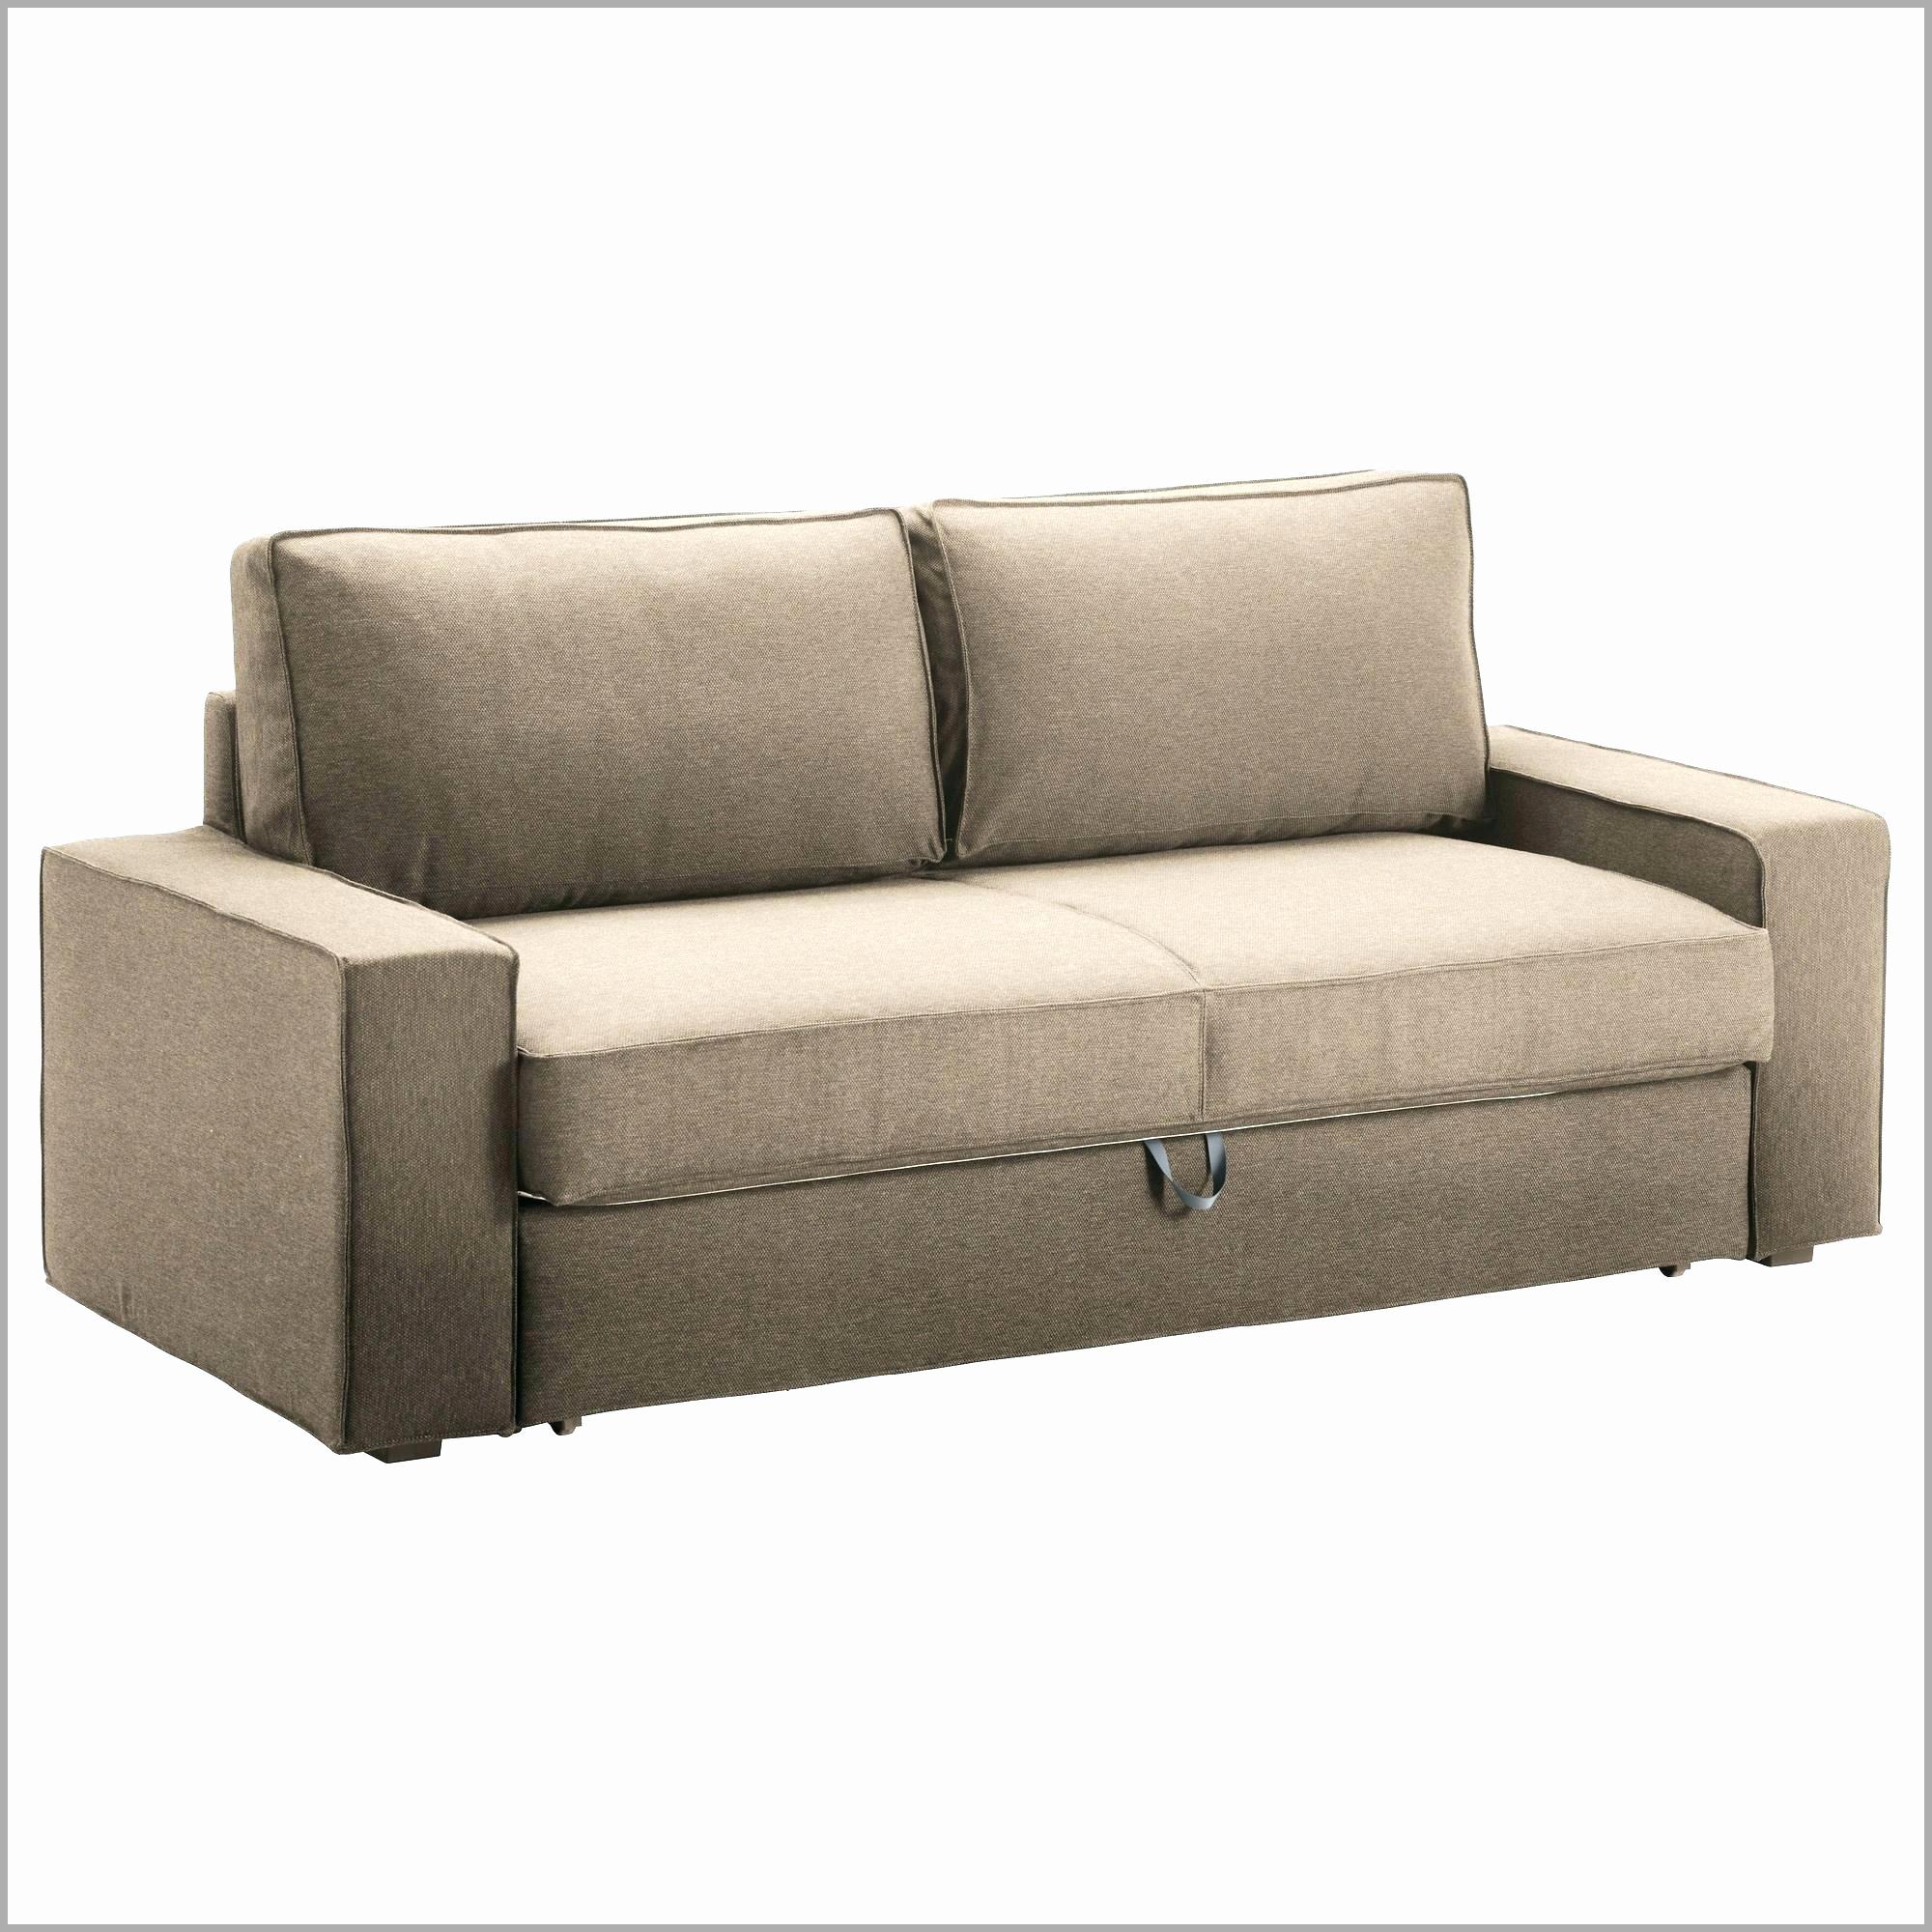 ikea housse bz impressionnant photos bz ikea inspirant matelas banquette bz meilleur canape. Black Bedroom Furniture Sets. Home Design Ideas